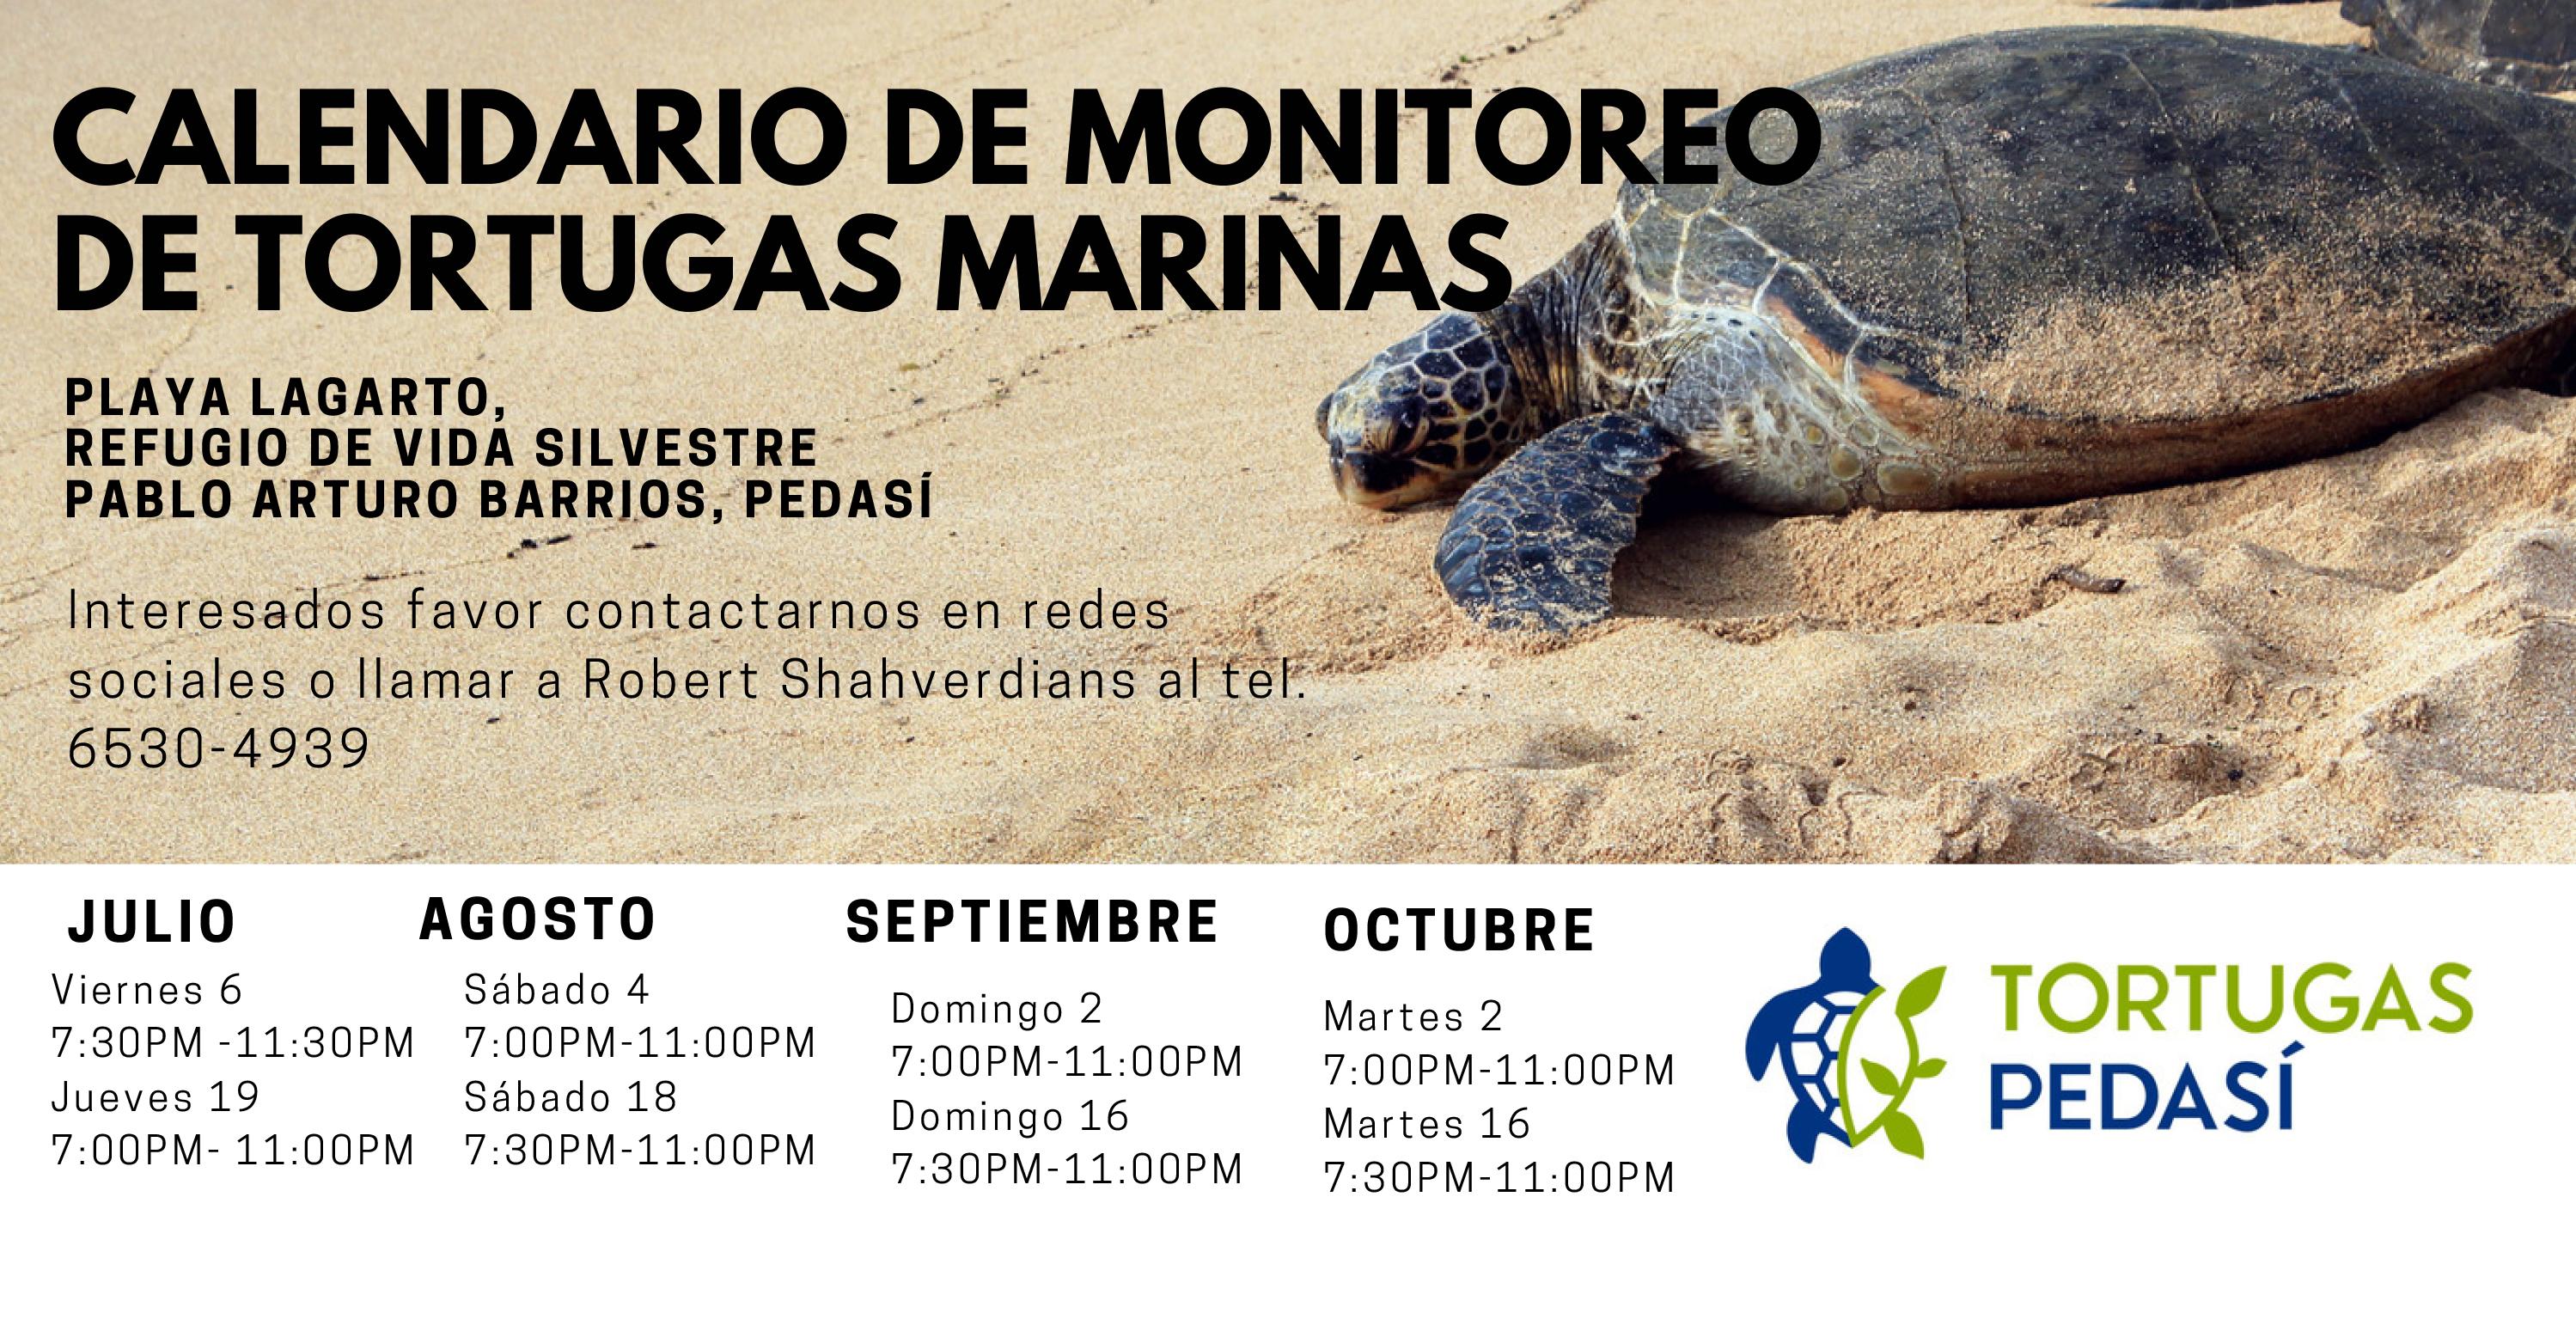 CALENDARIO DE MONITOREO DE TORTUGAS MARINAS